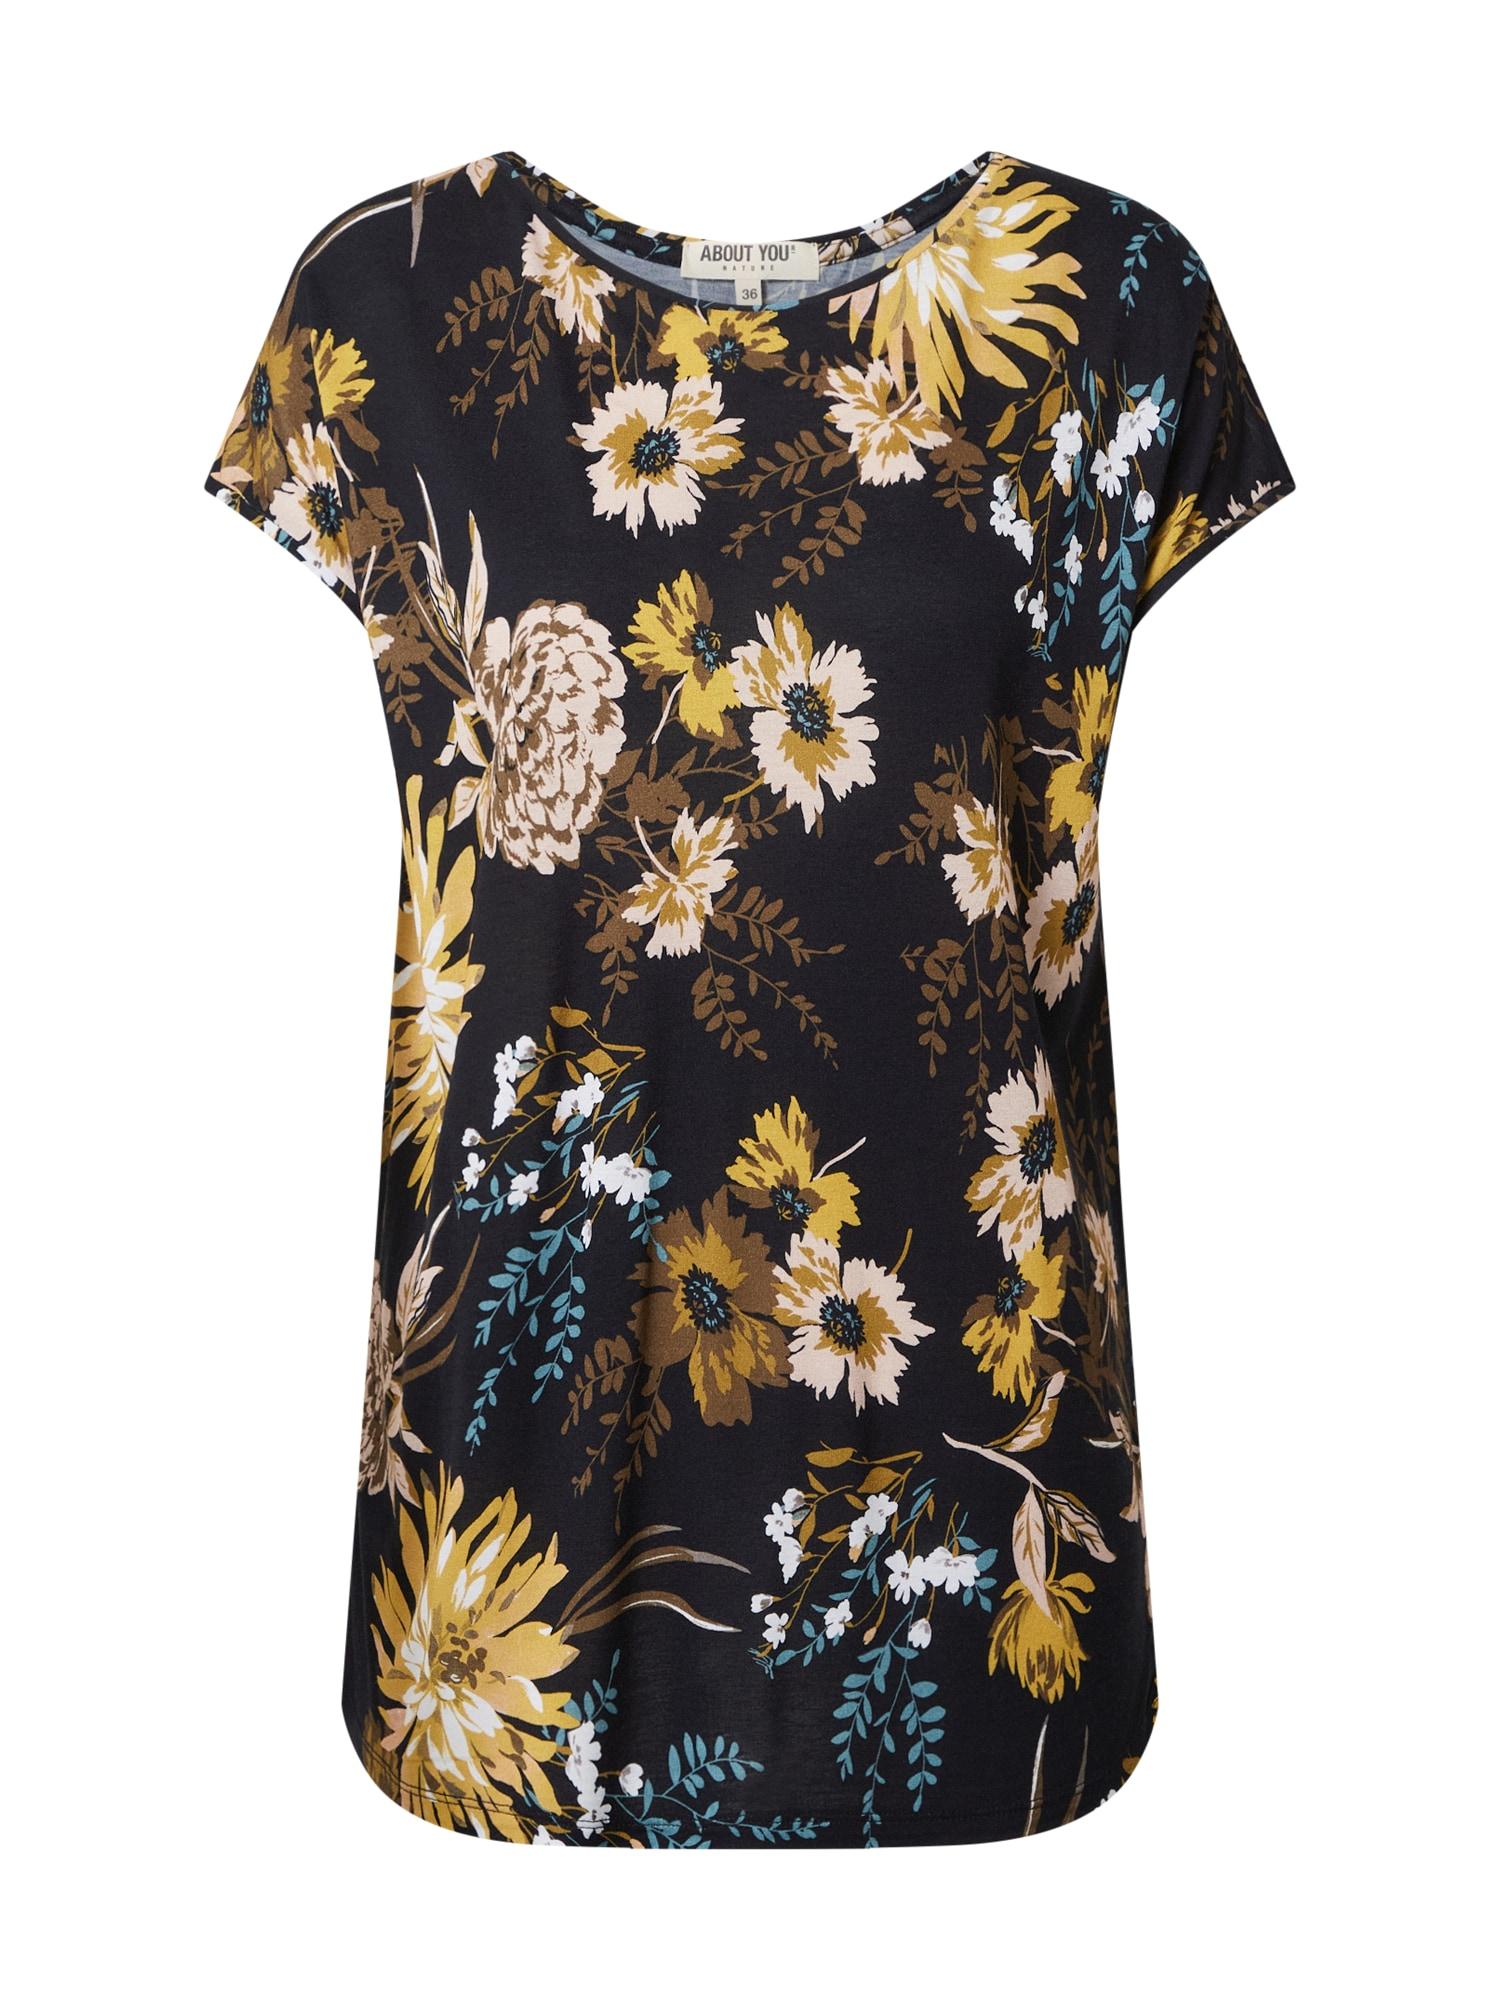 ABOUT YOU Marškinėliai 'Fergie' juoda / mišrios spalvos